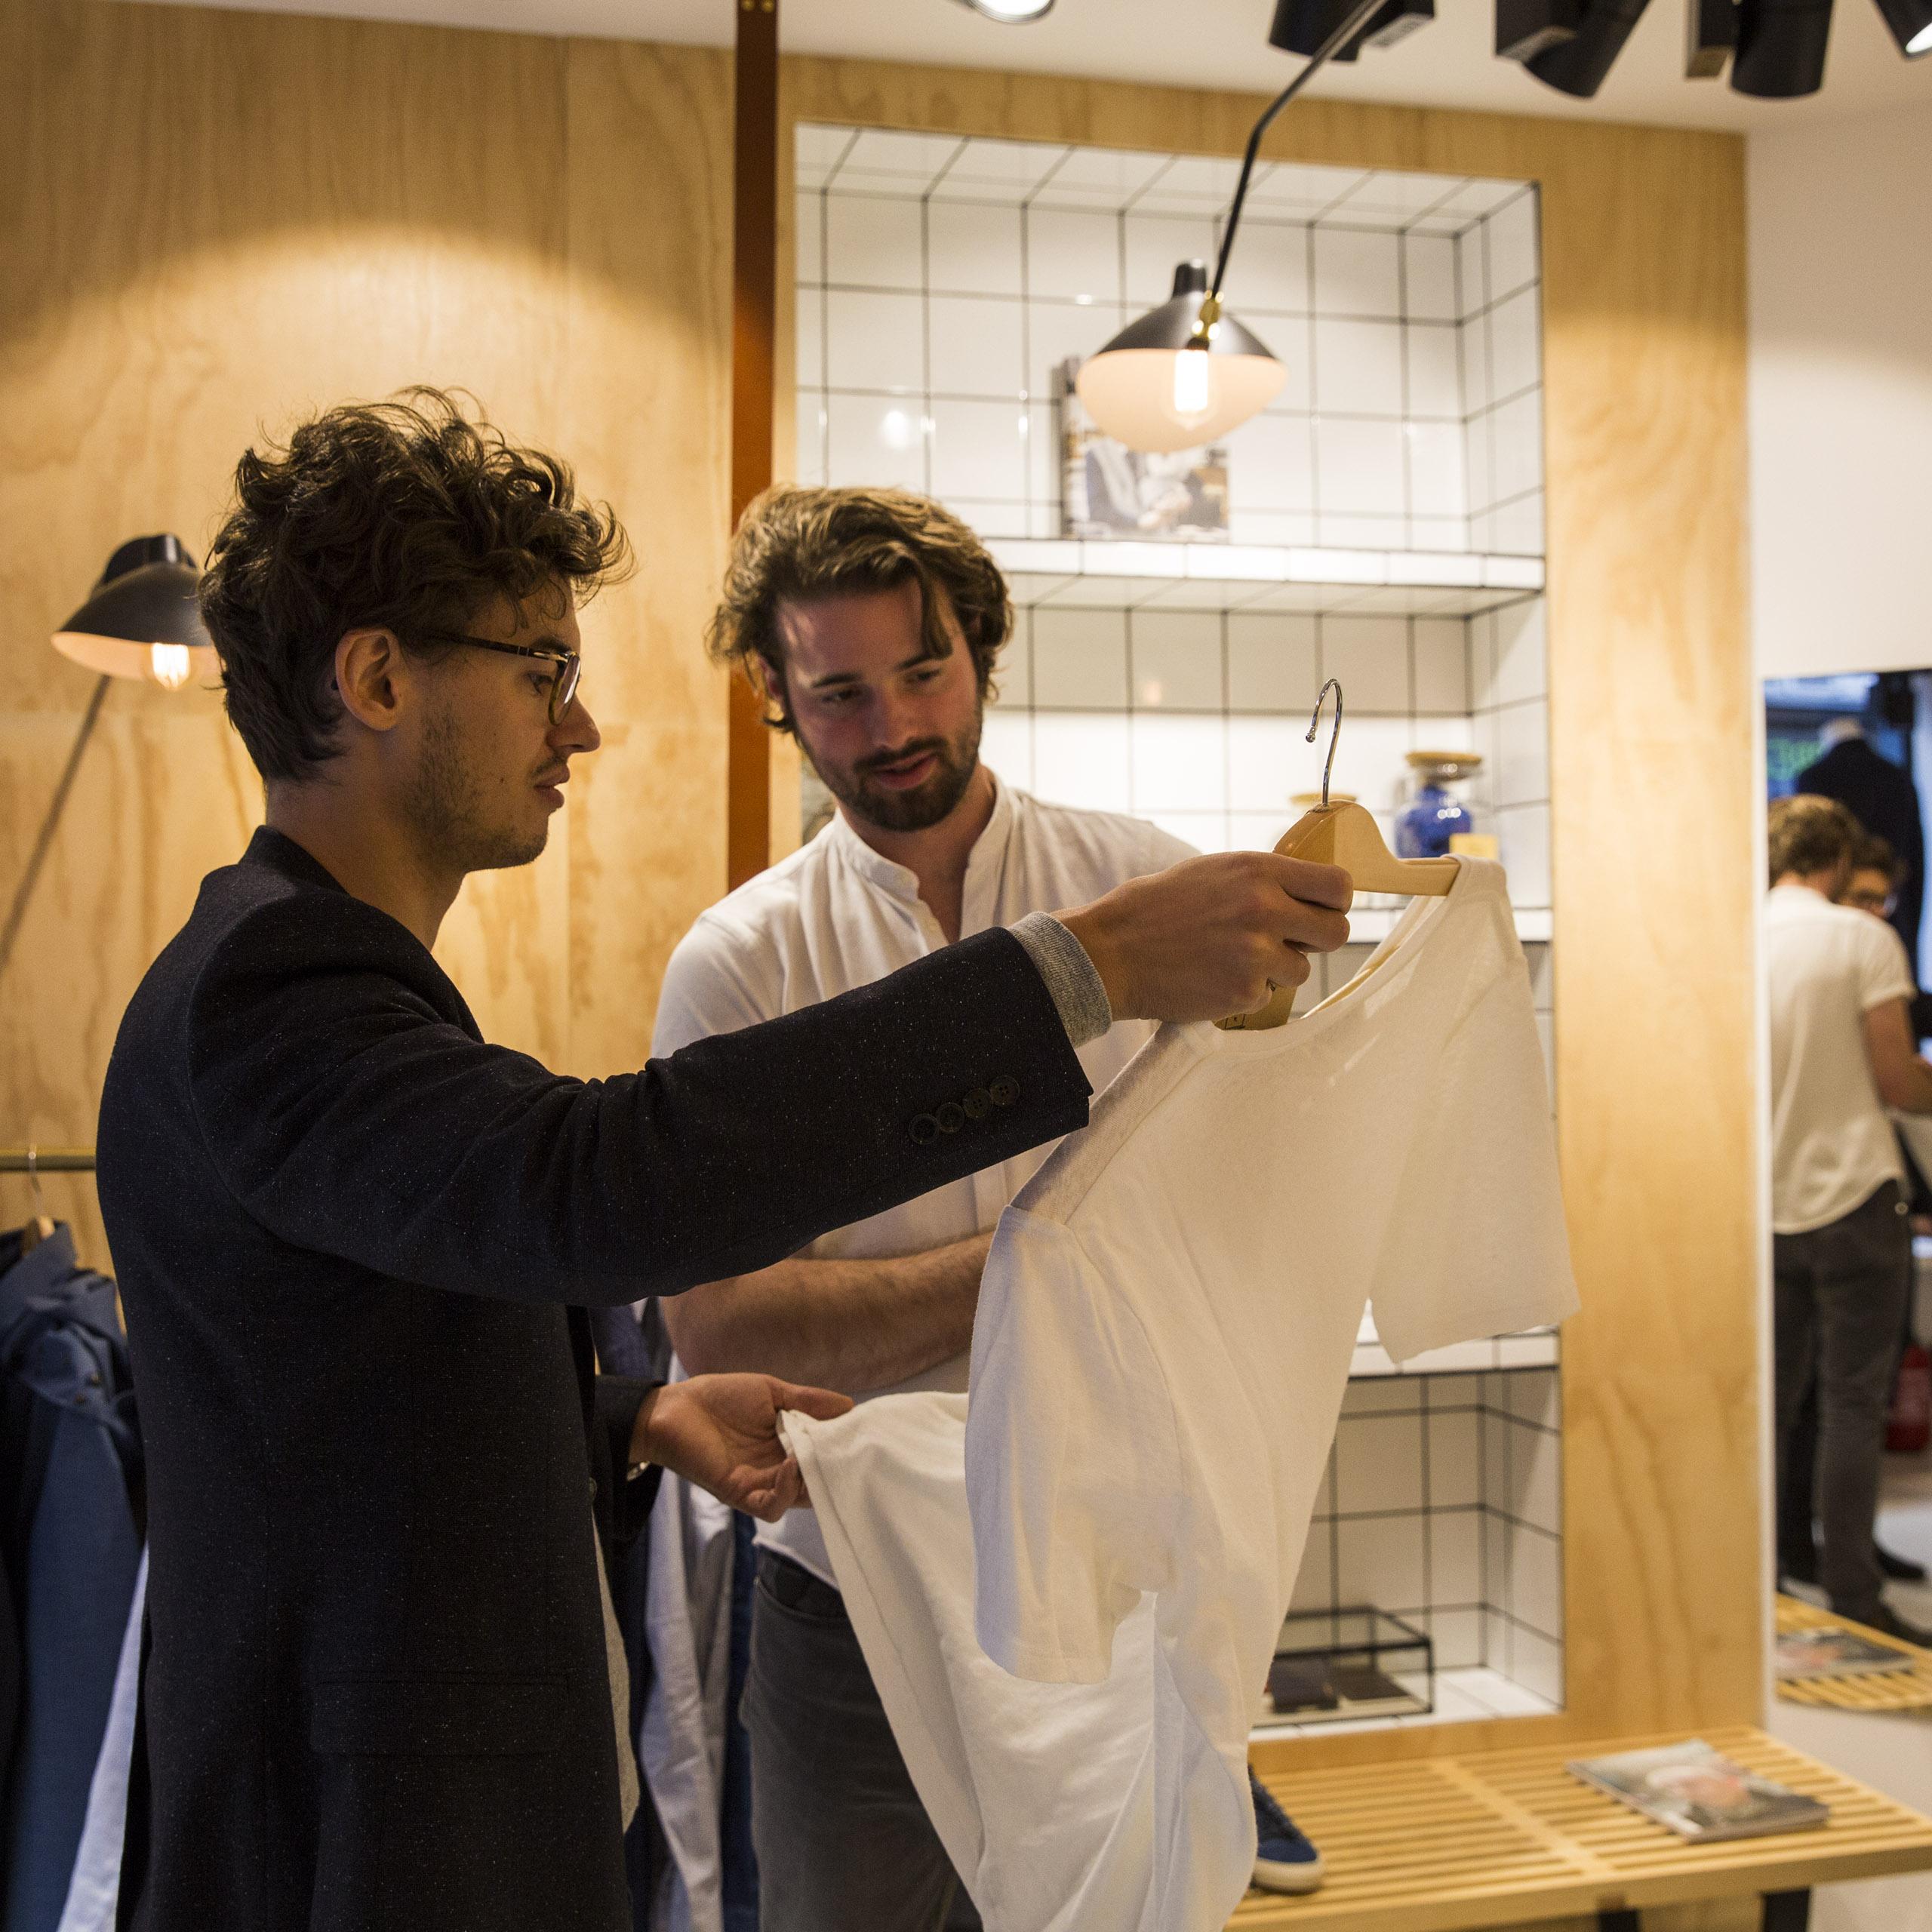 Paris – Geoffrey, Inside a Men's Fashion Startup 3